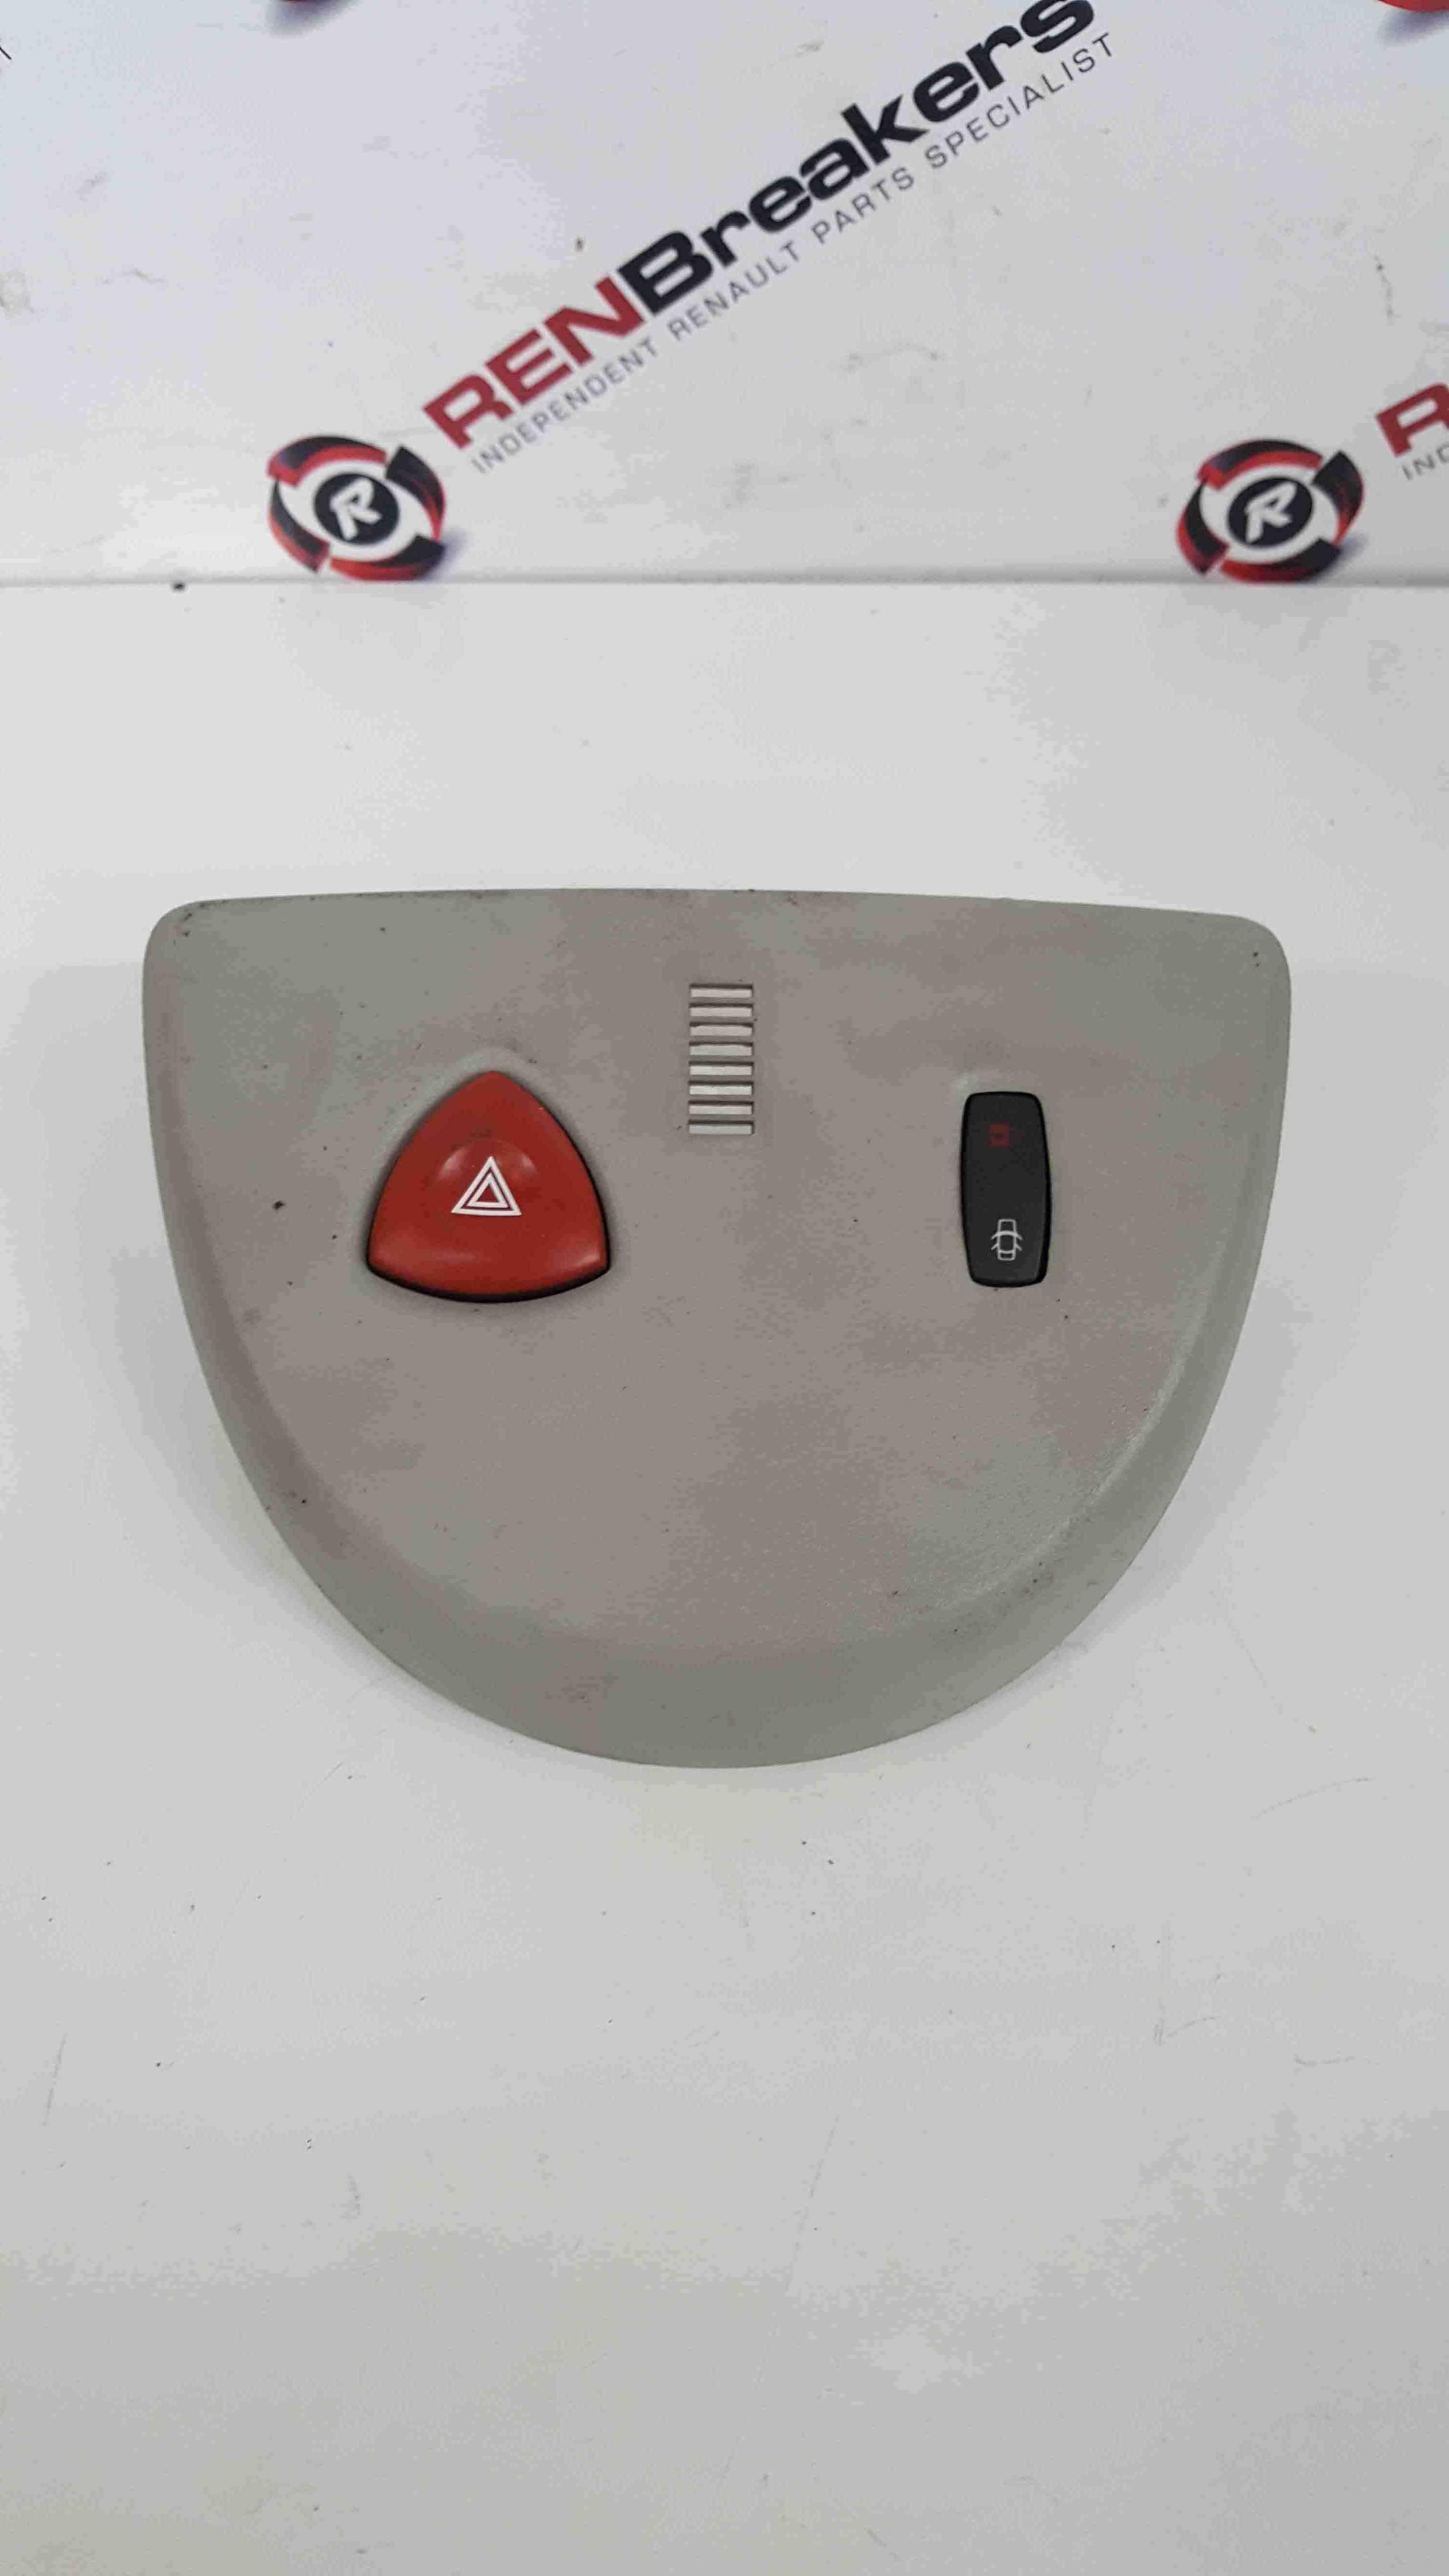 Renault Espace 2003-2013 Hazard Warning Switch + Panel